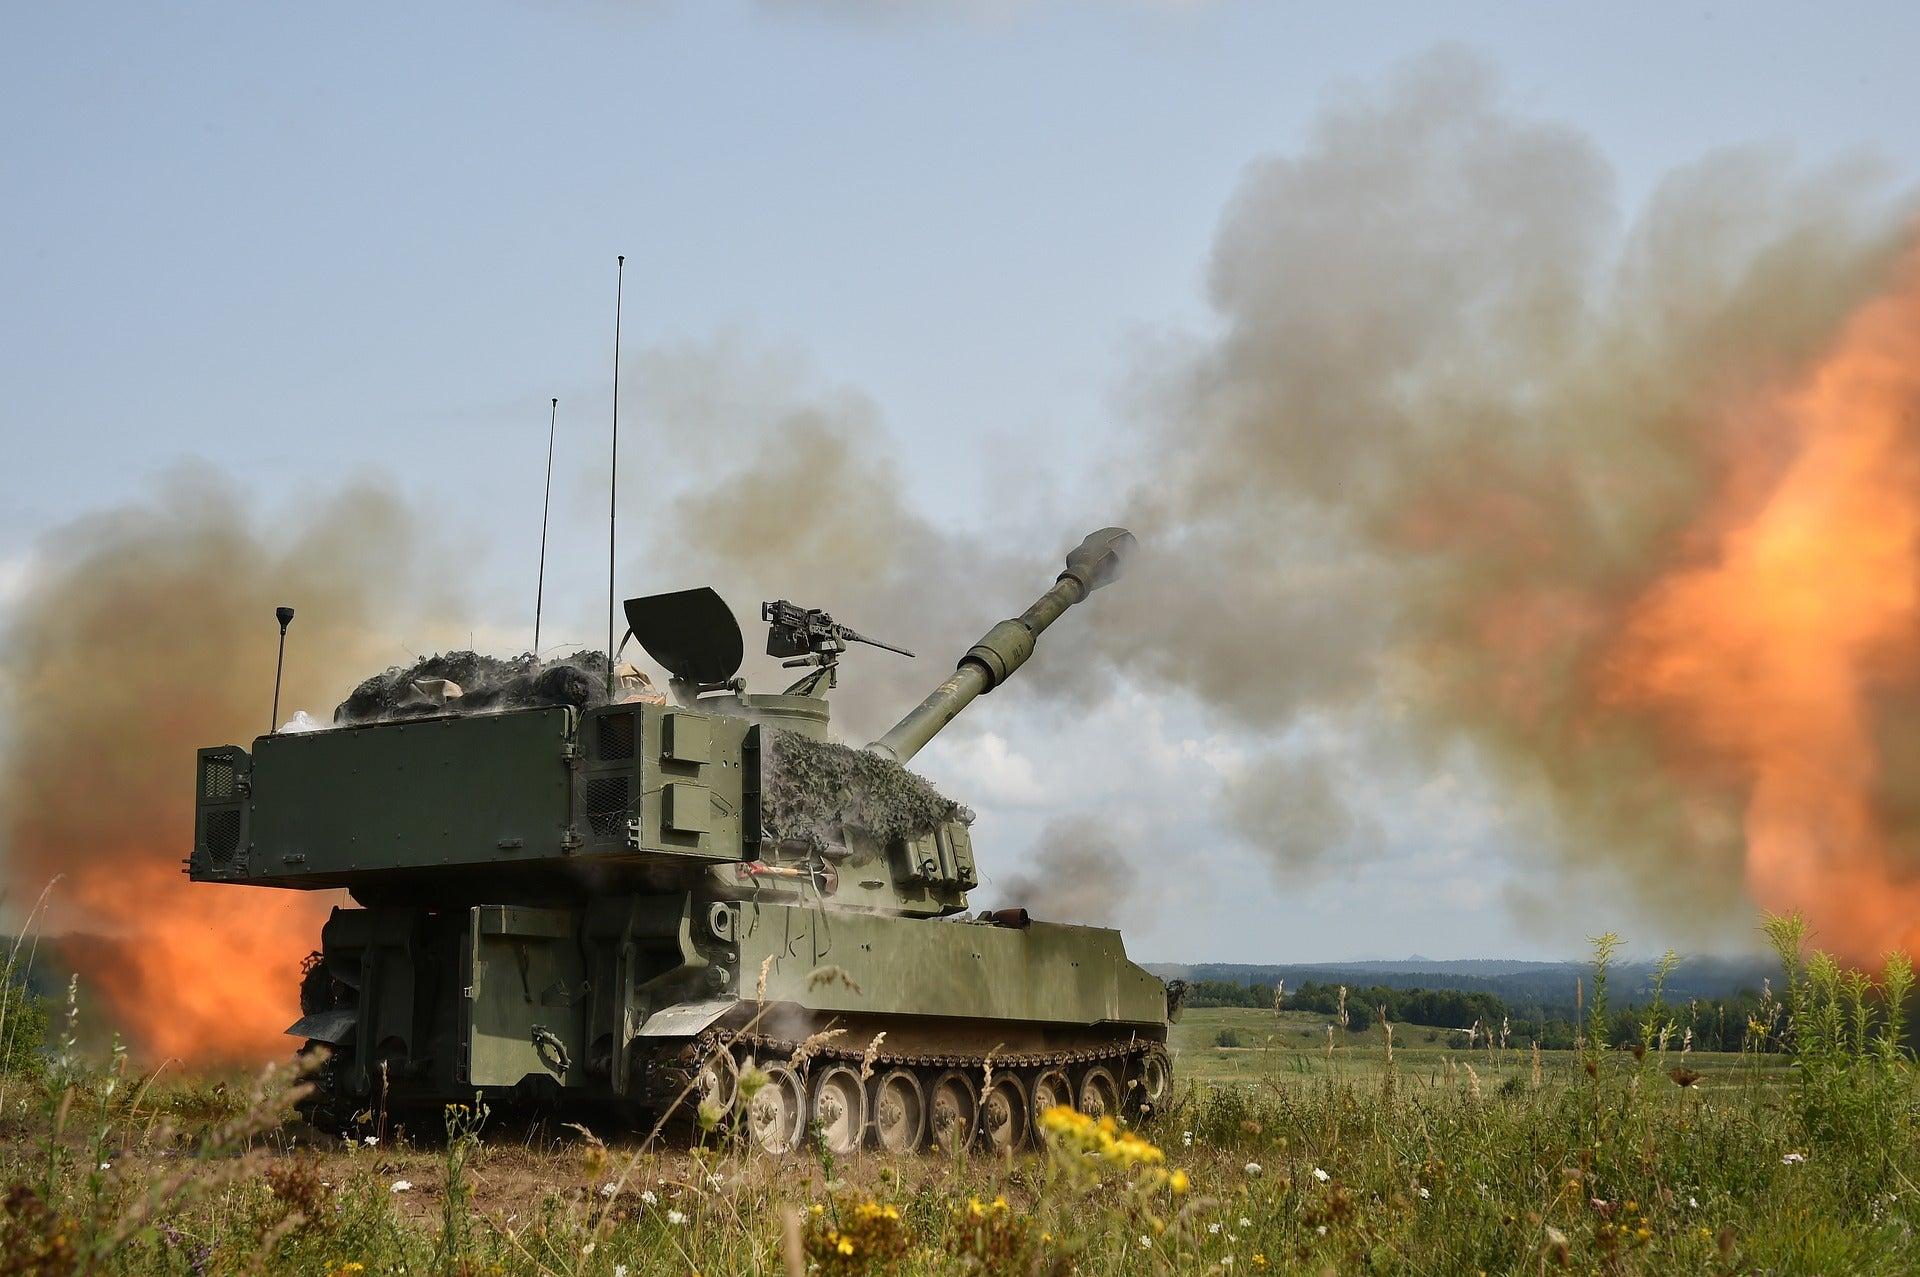 Aus-howitzer-3rdSept